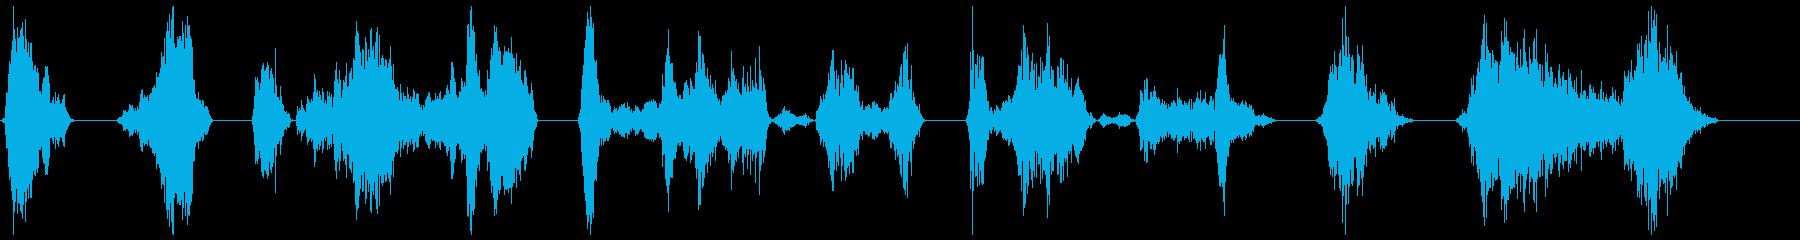 モンスターのうなり声18-24の再生済みの波形